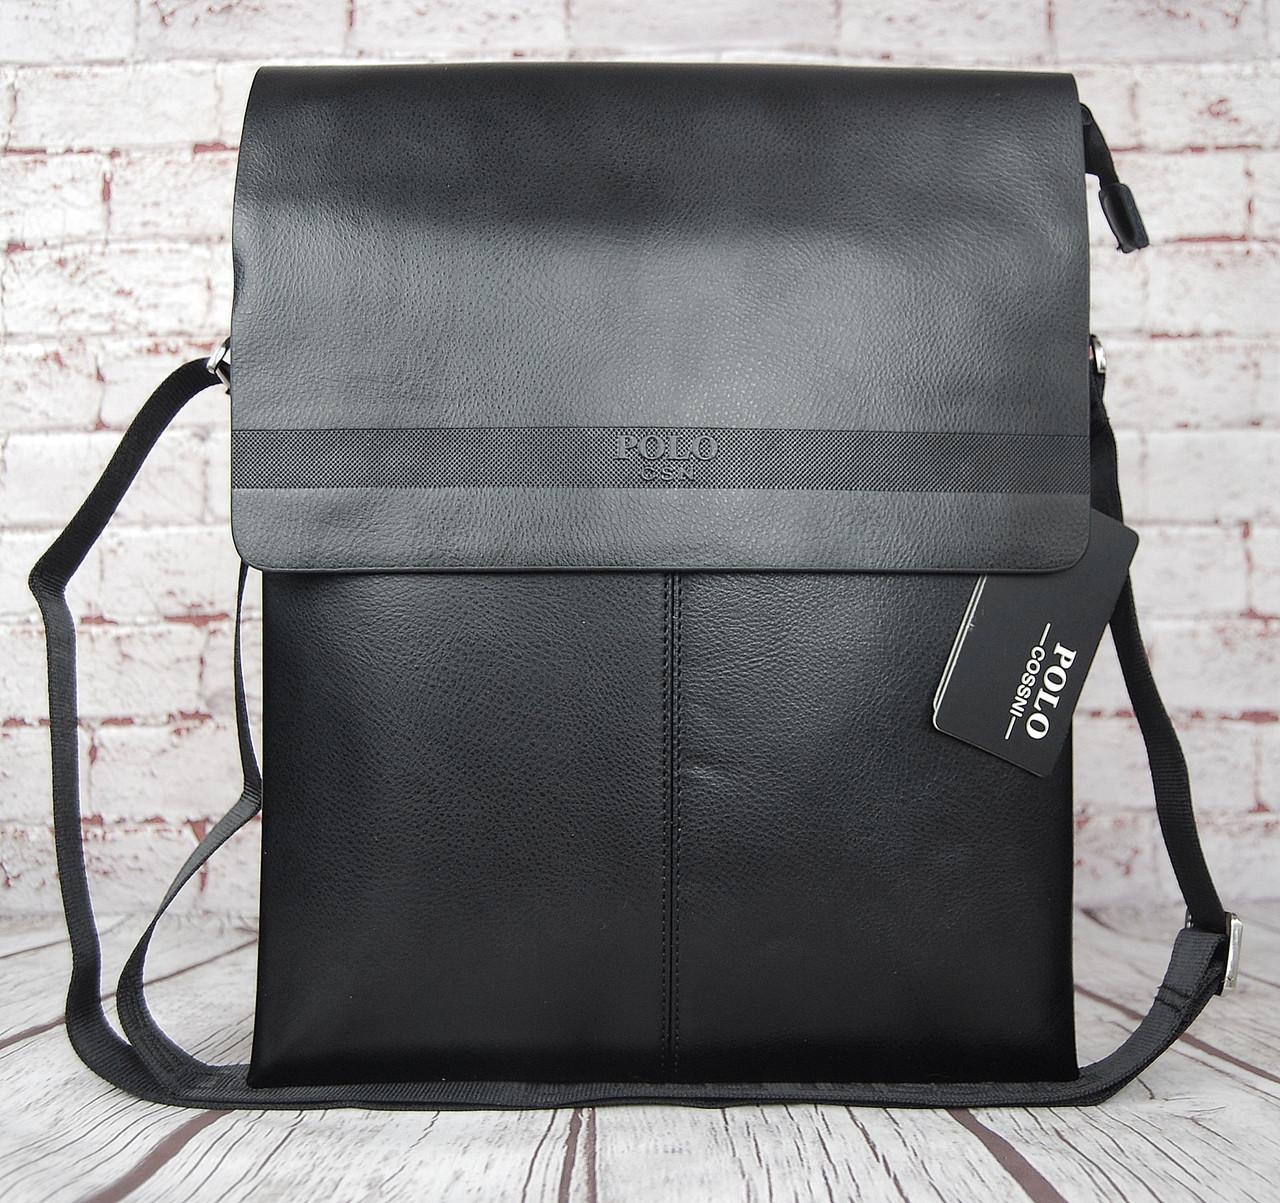 Большая сумка Polo под формат А4 Размер 36 на 28 КС95-1